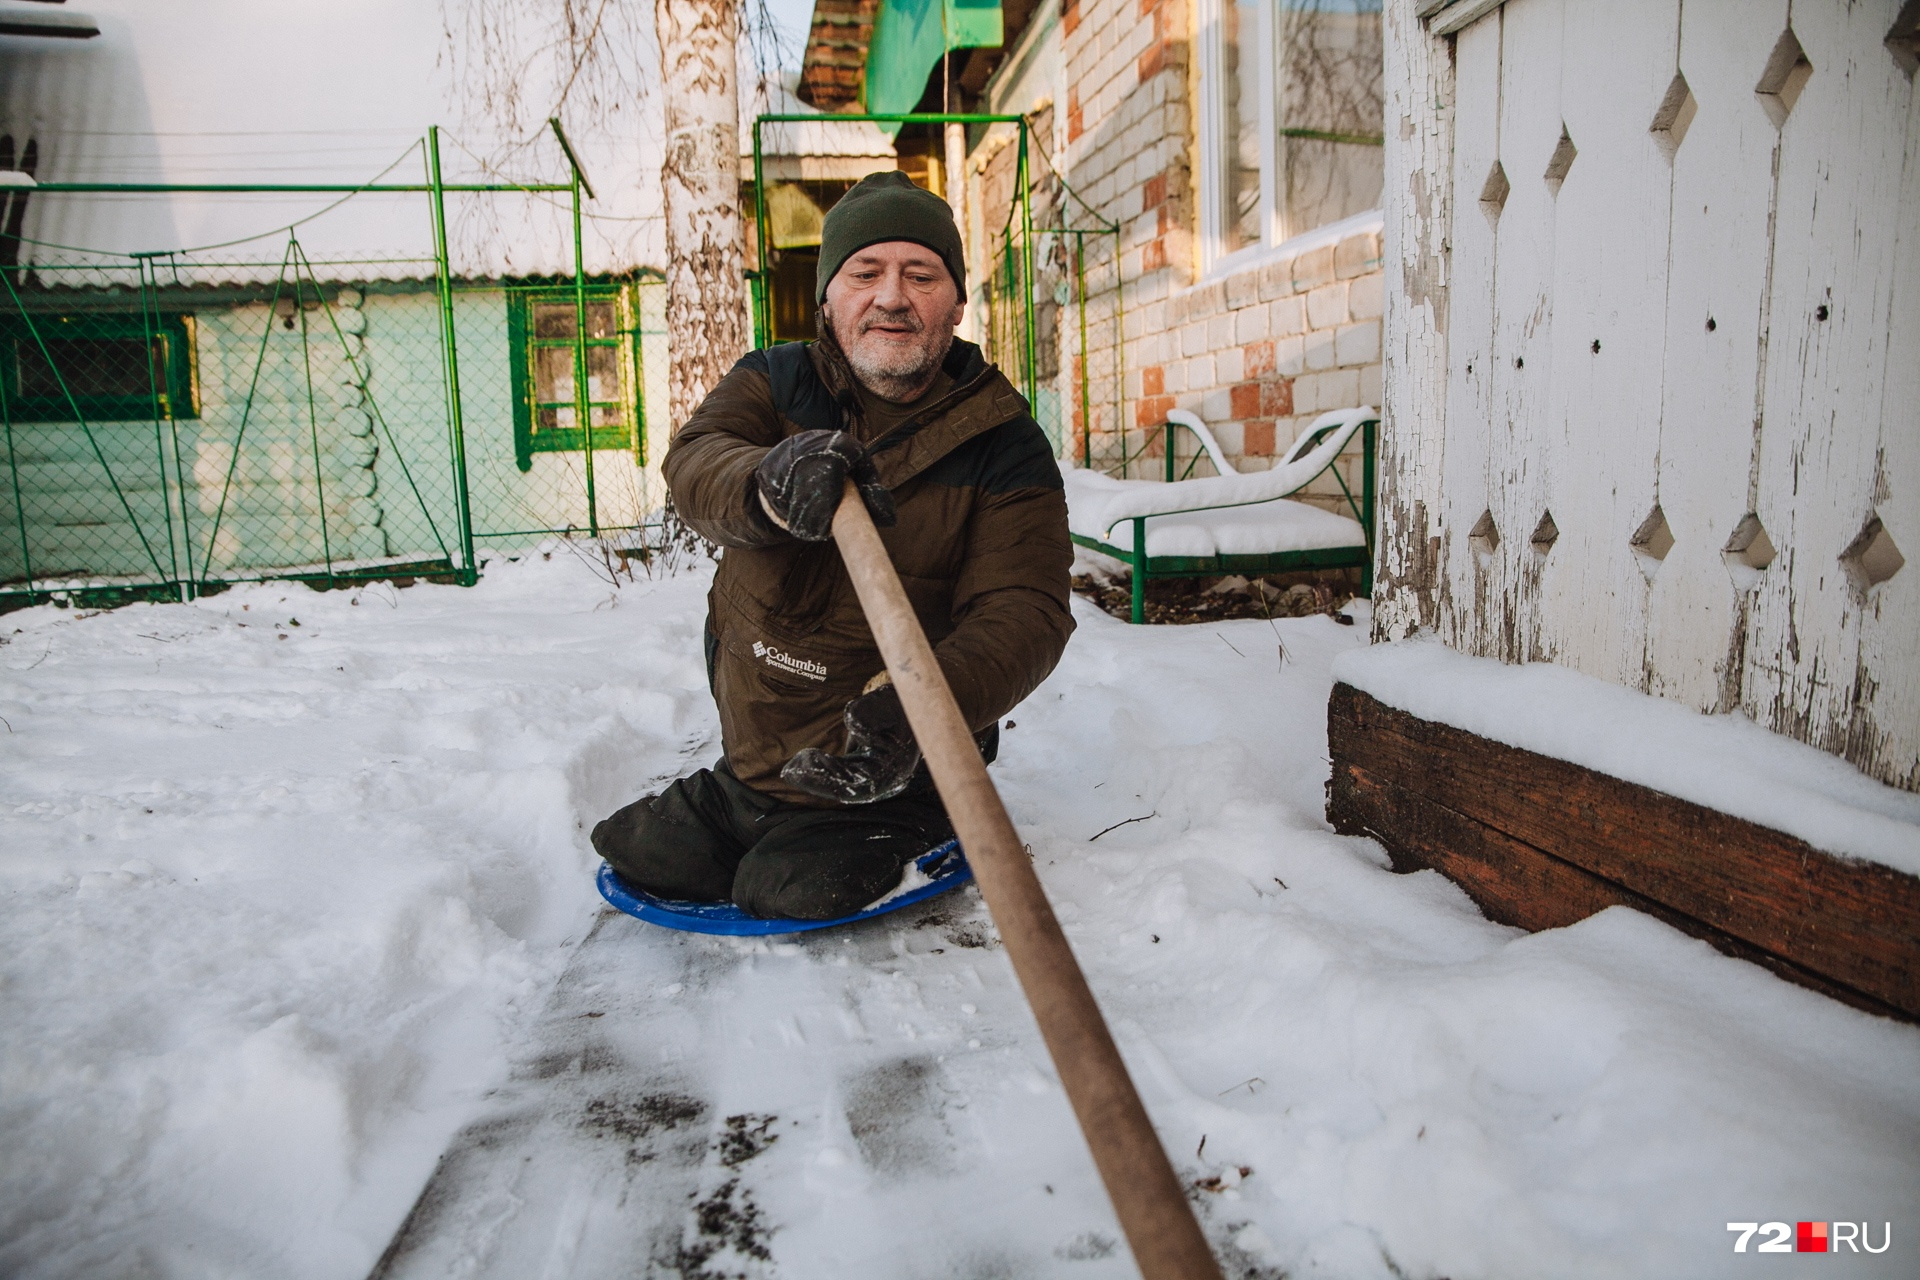 Мужчина передвигается зимой на детской ледянке. Так ему удобнее, чем на коляске. Протез поставить уже нельзя